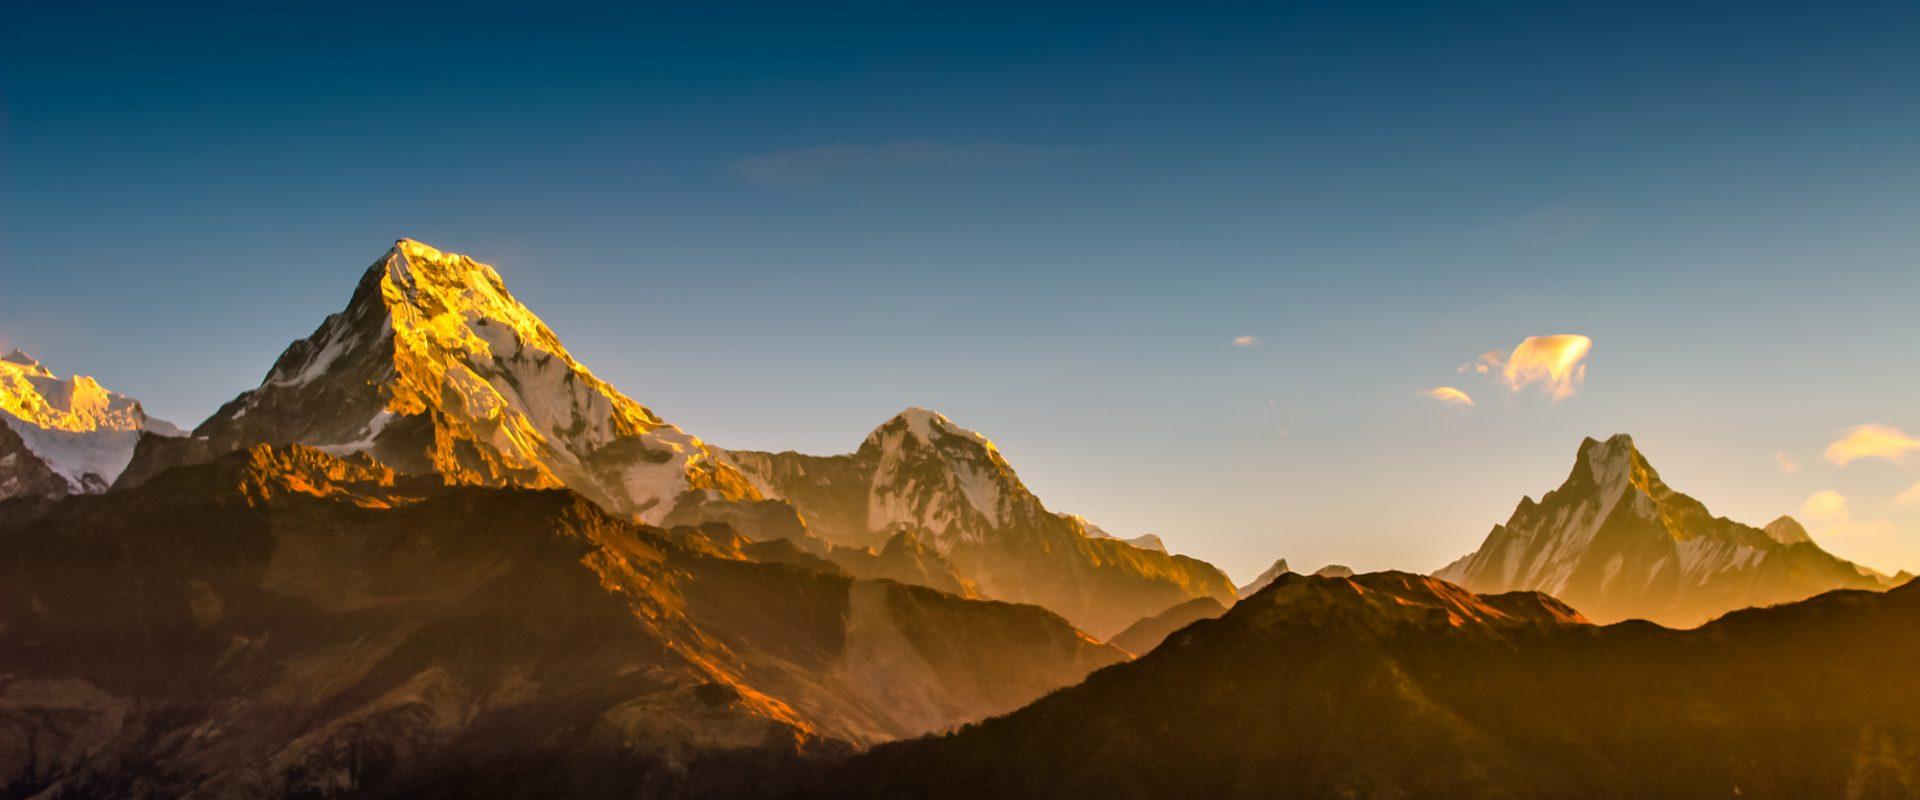 Trek through the majestic Annapurna Himalayan Range!